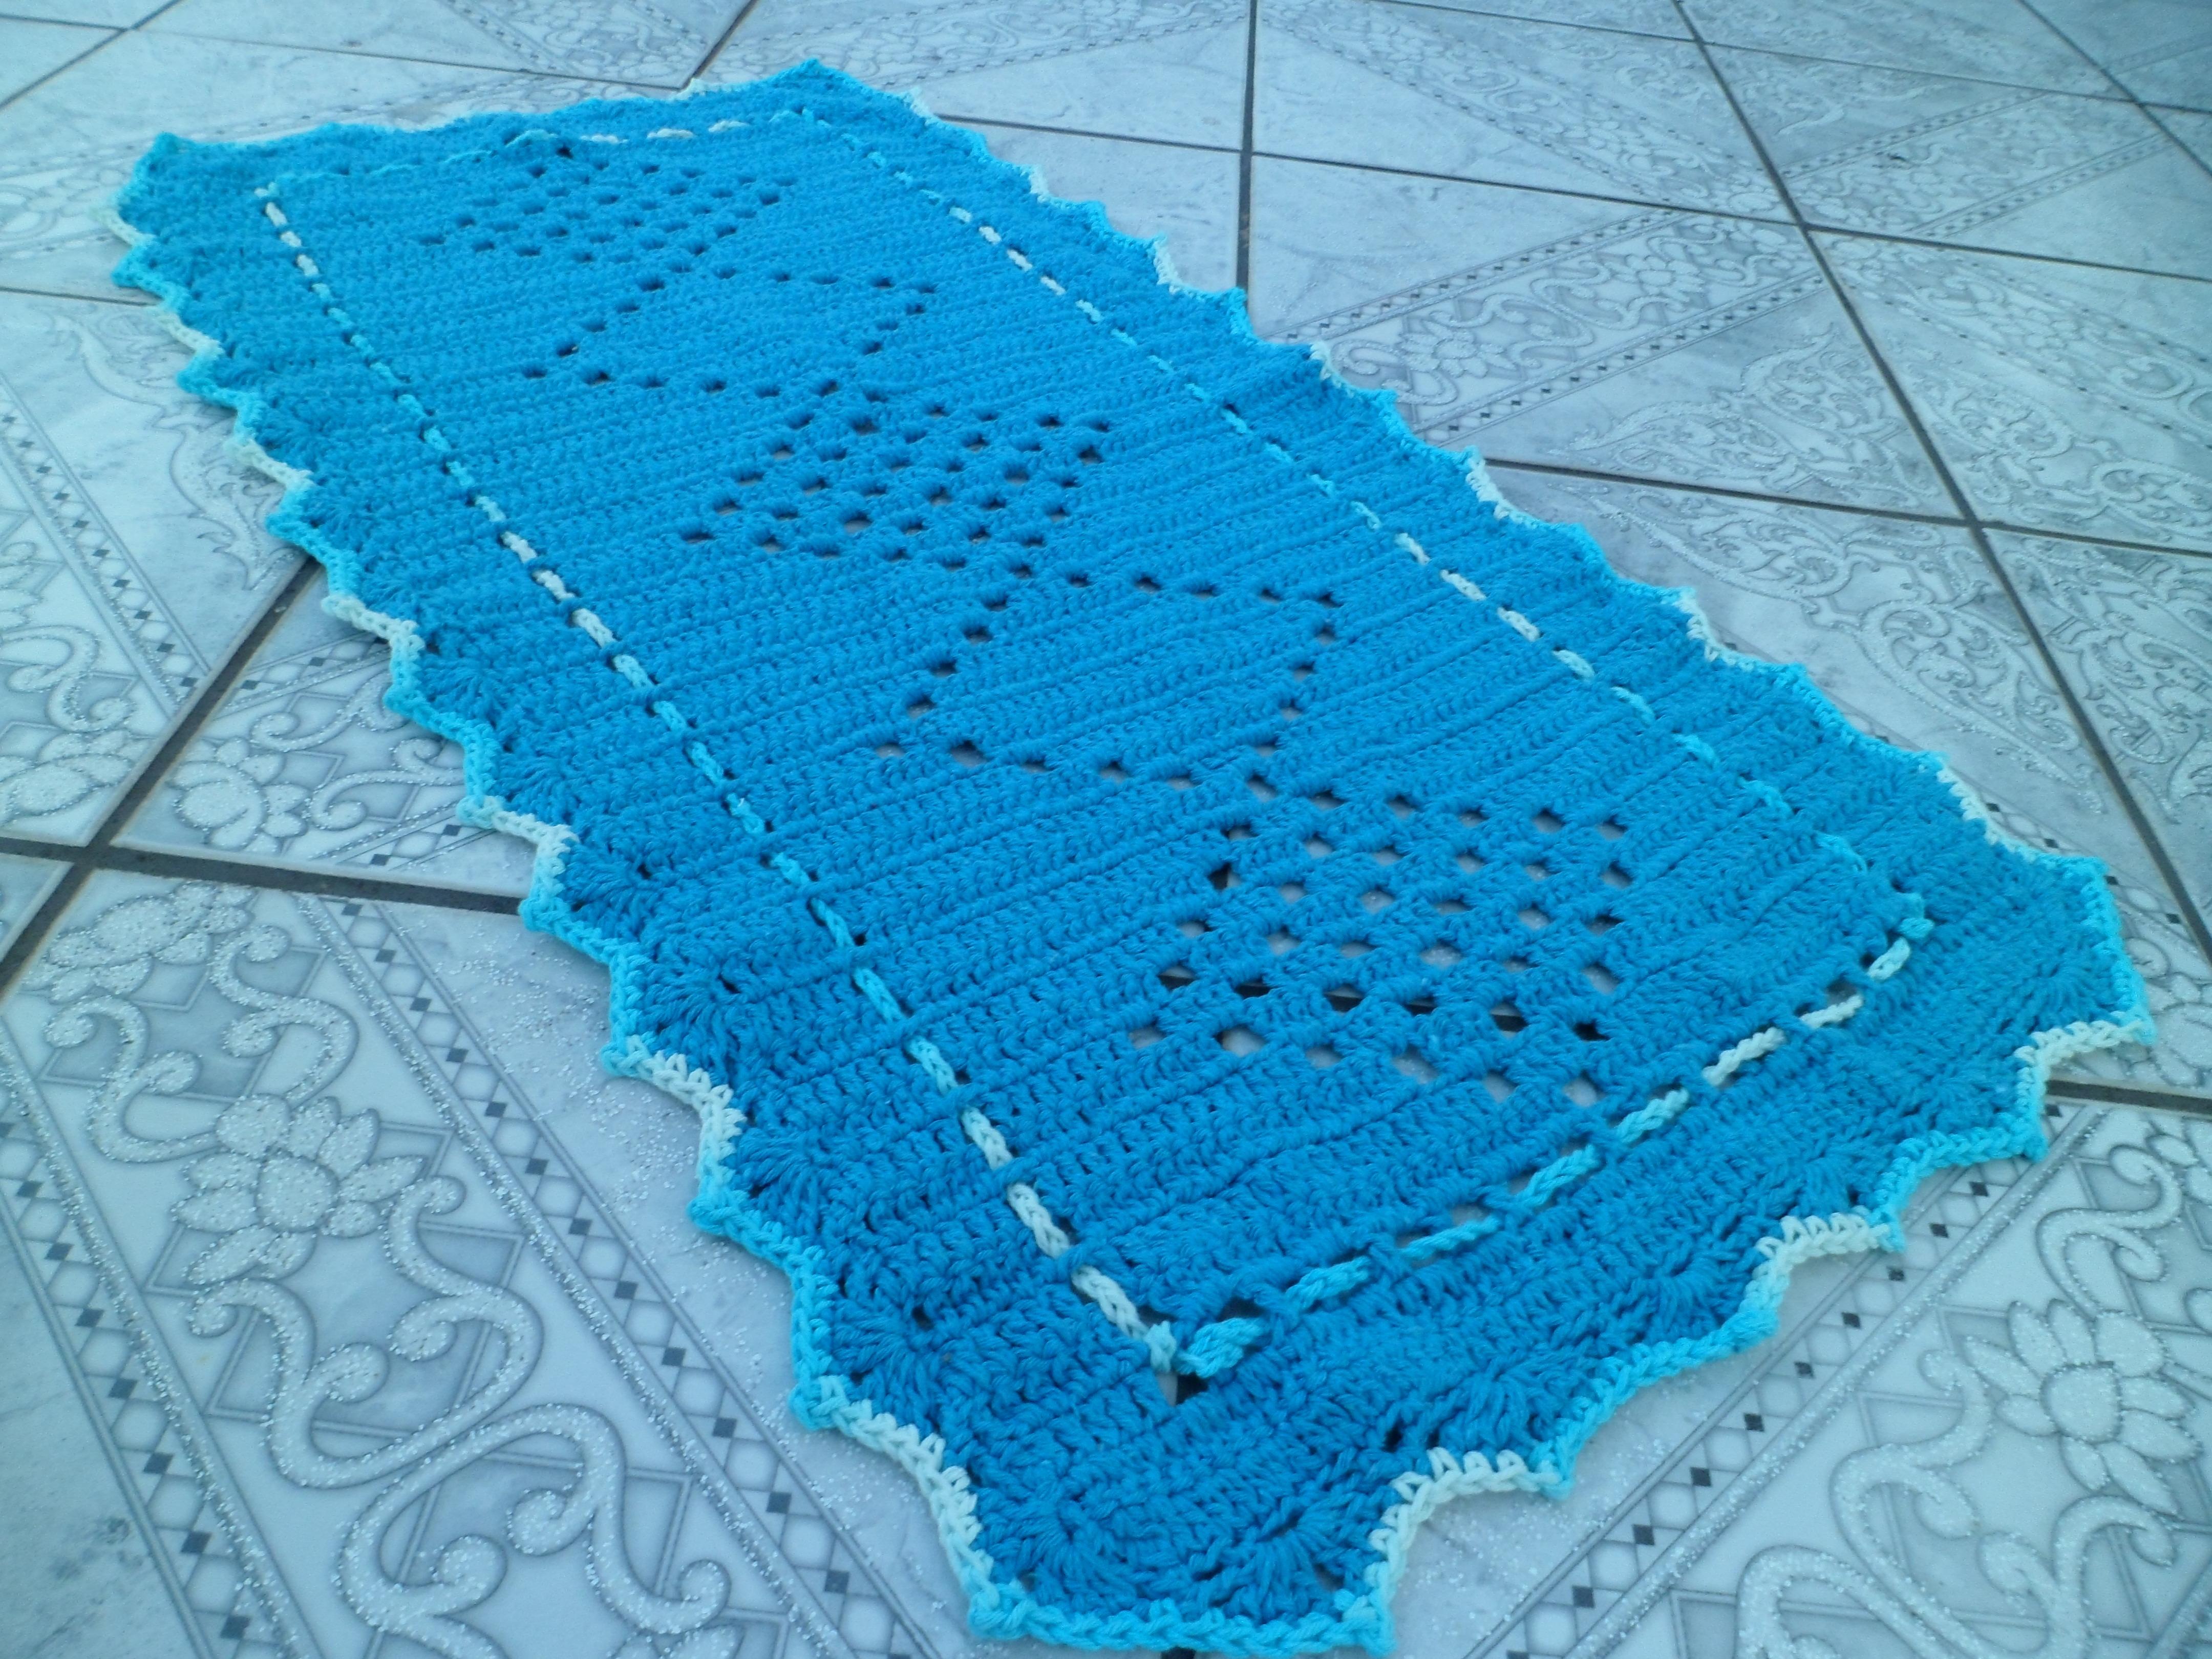 Banheiro Croch Barbante Maria Tima Alvarenga Mania Croch Jogo Tapetes #0489C7 4320 3240